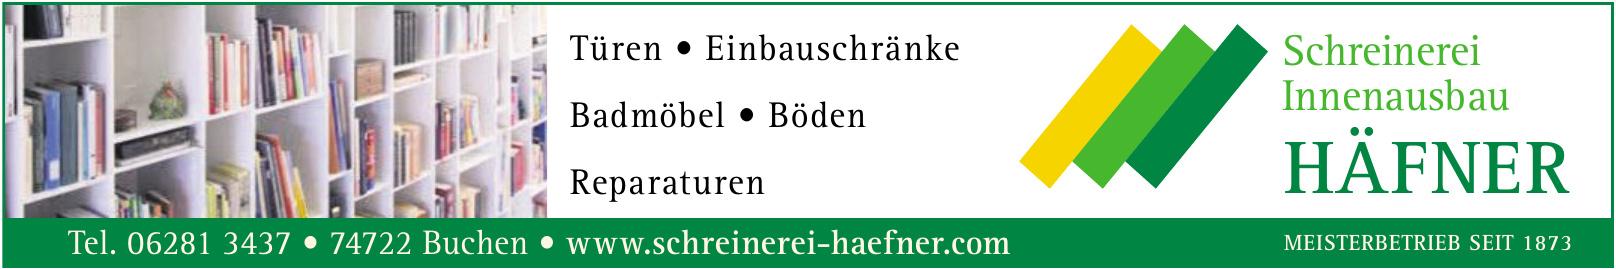 Häfner - Schreinerei - Innenausbau